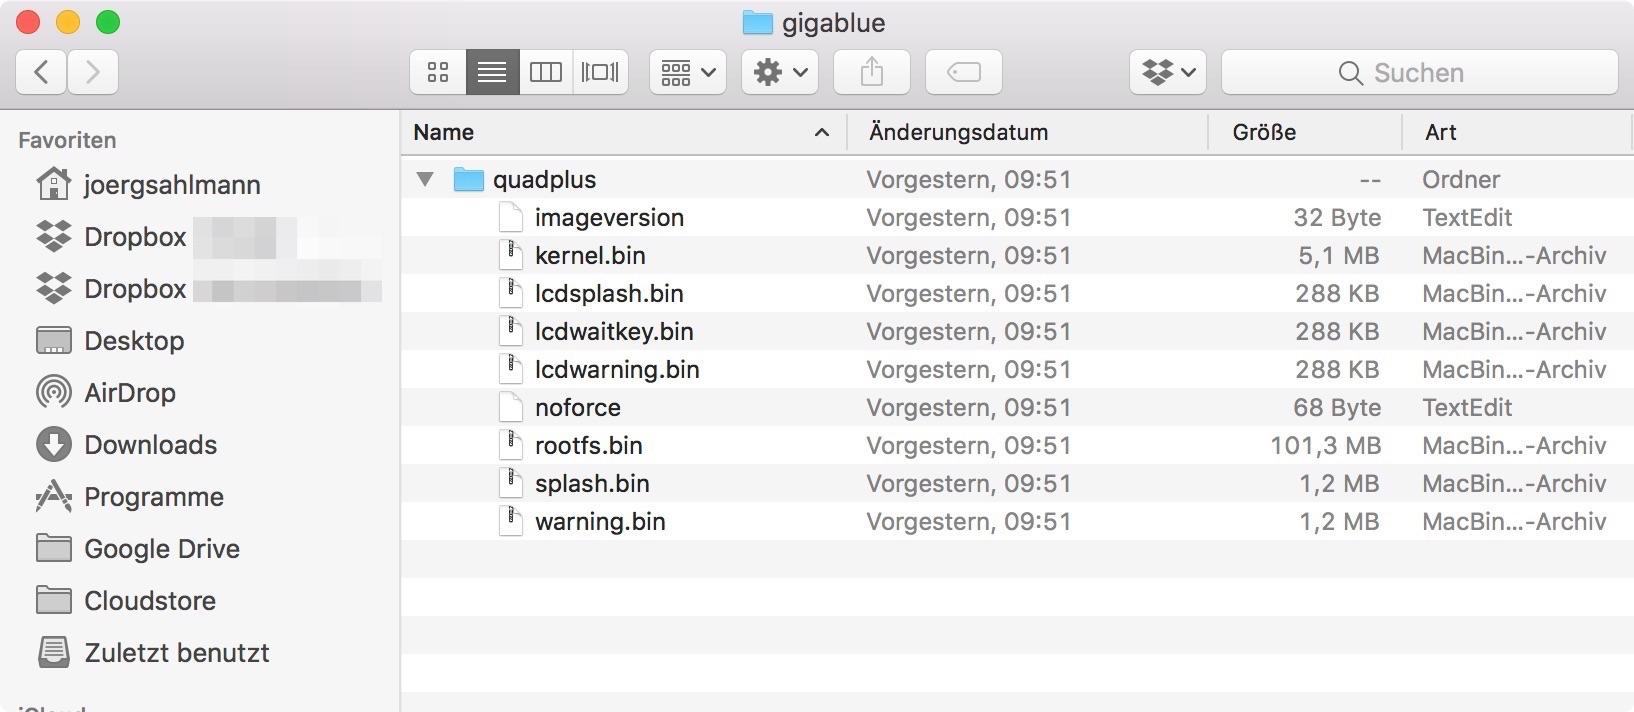 gigablue_Ordner